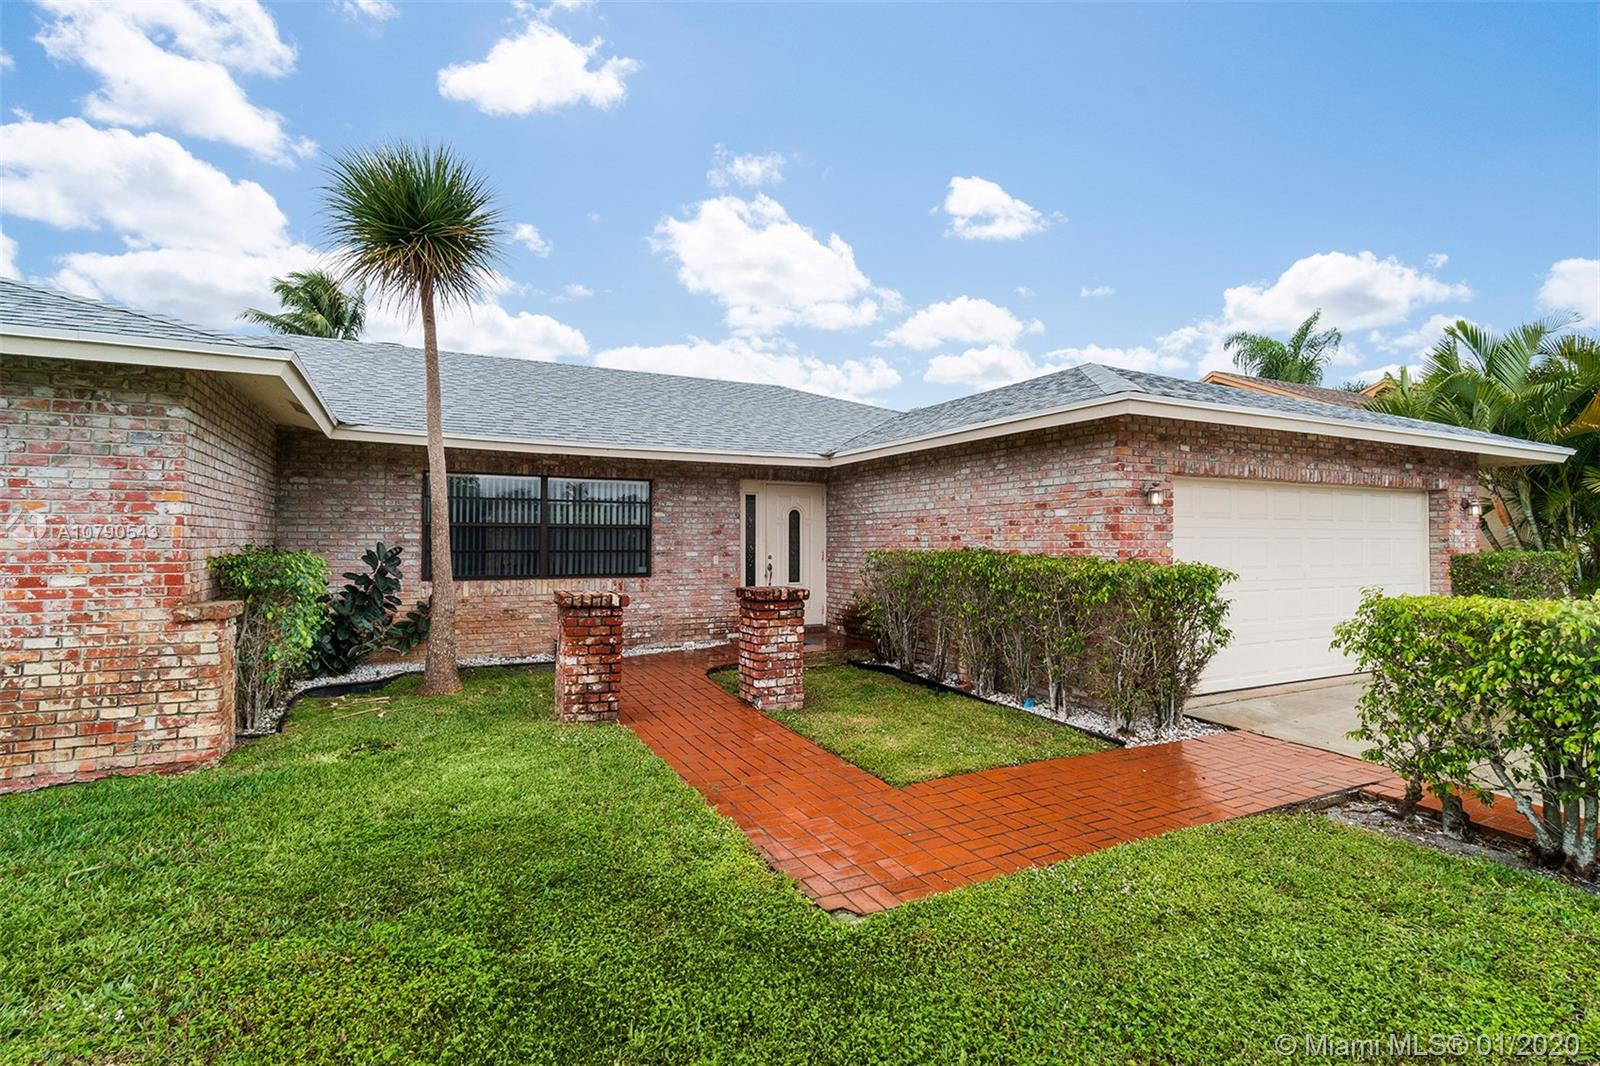 17679 Woodview Ter, Boca Raton, FL 33487